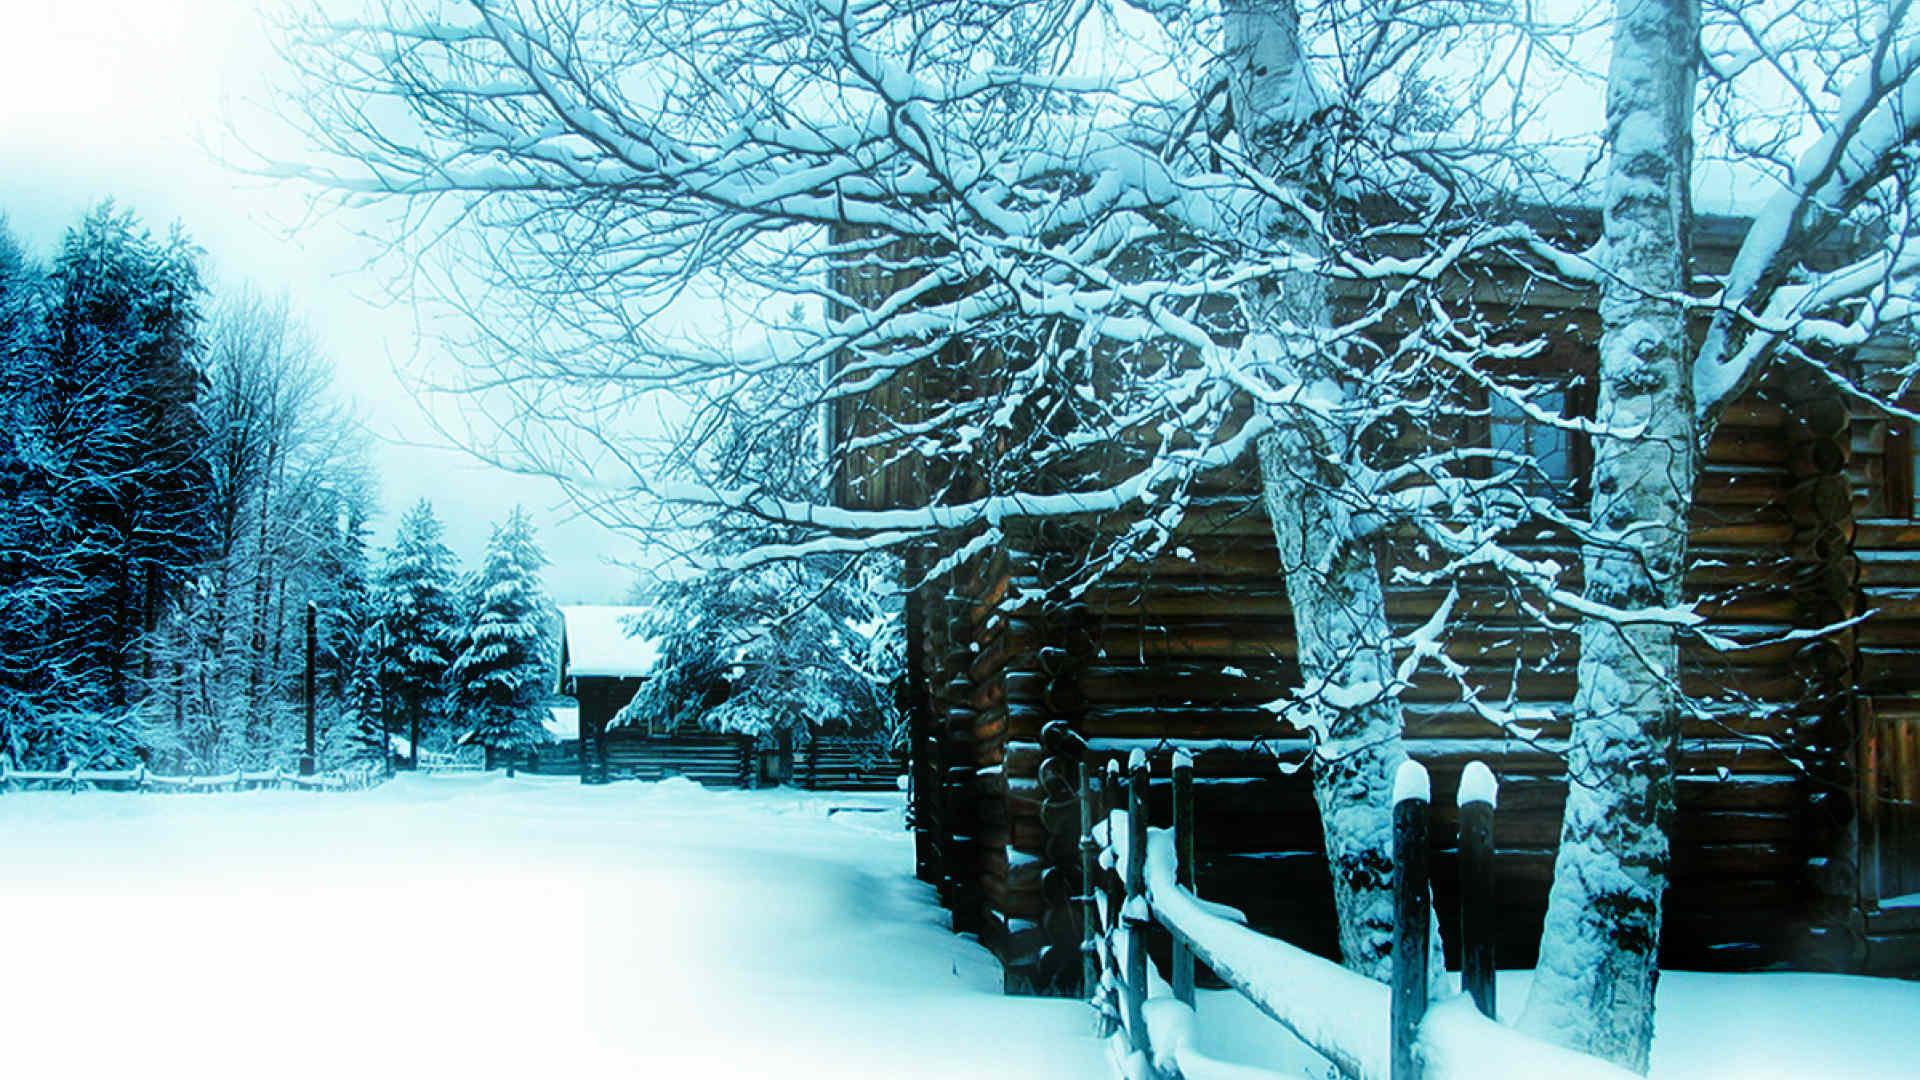 бревенчатый дом зимой. осознанный сон про путешествия во времени